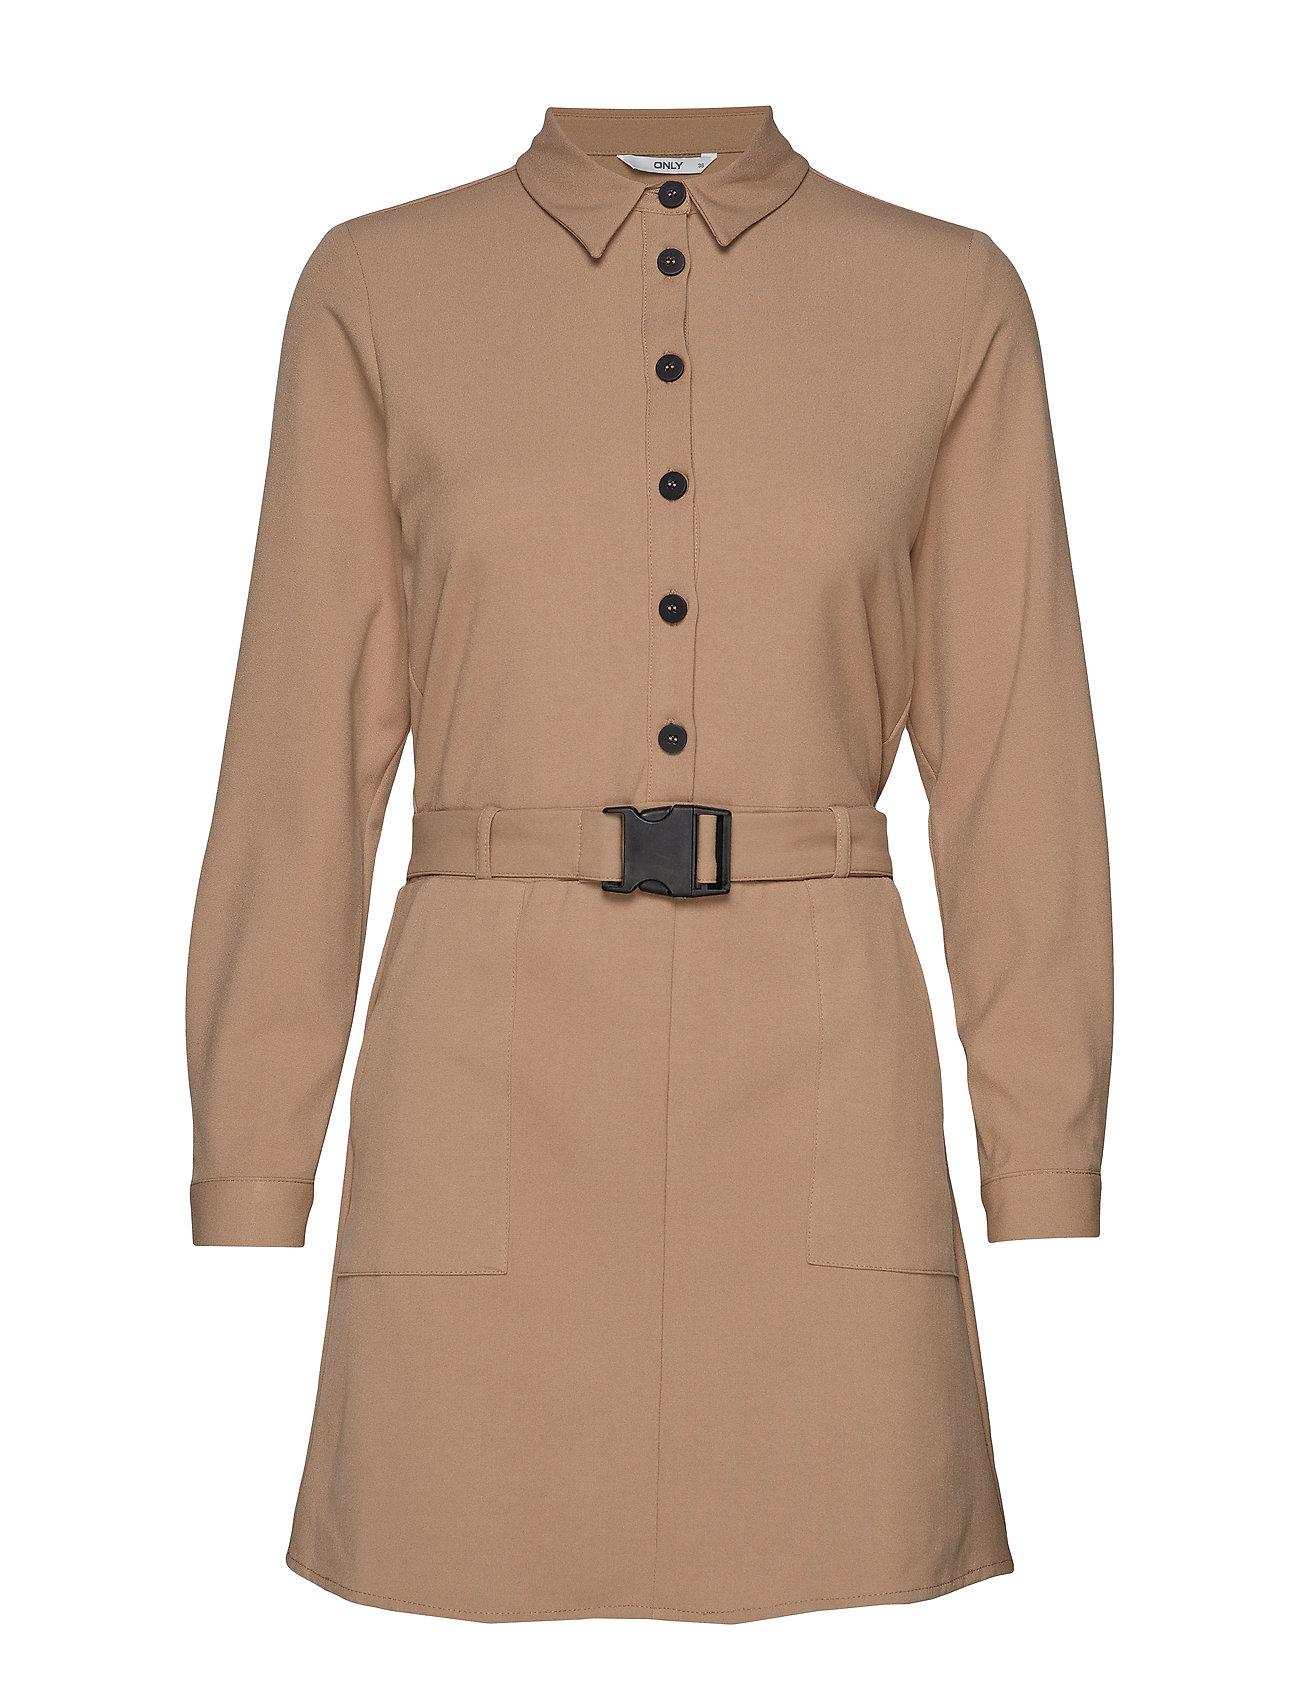 ONLY ONLLOTUS L/S SHORT DRESS WVN - BEIGE